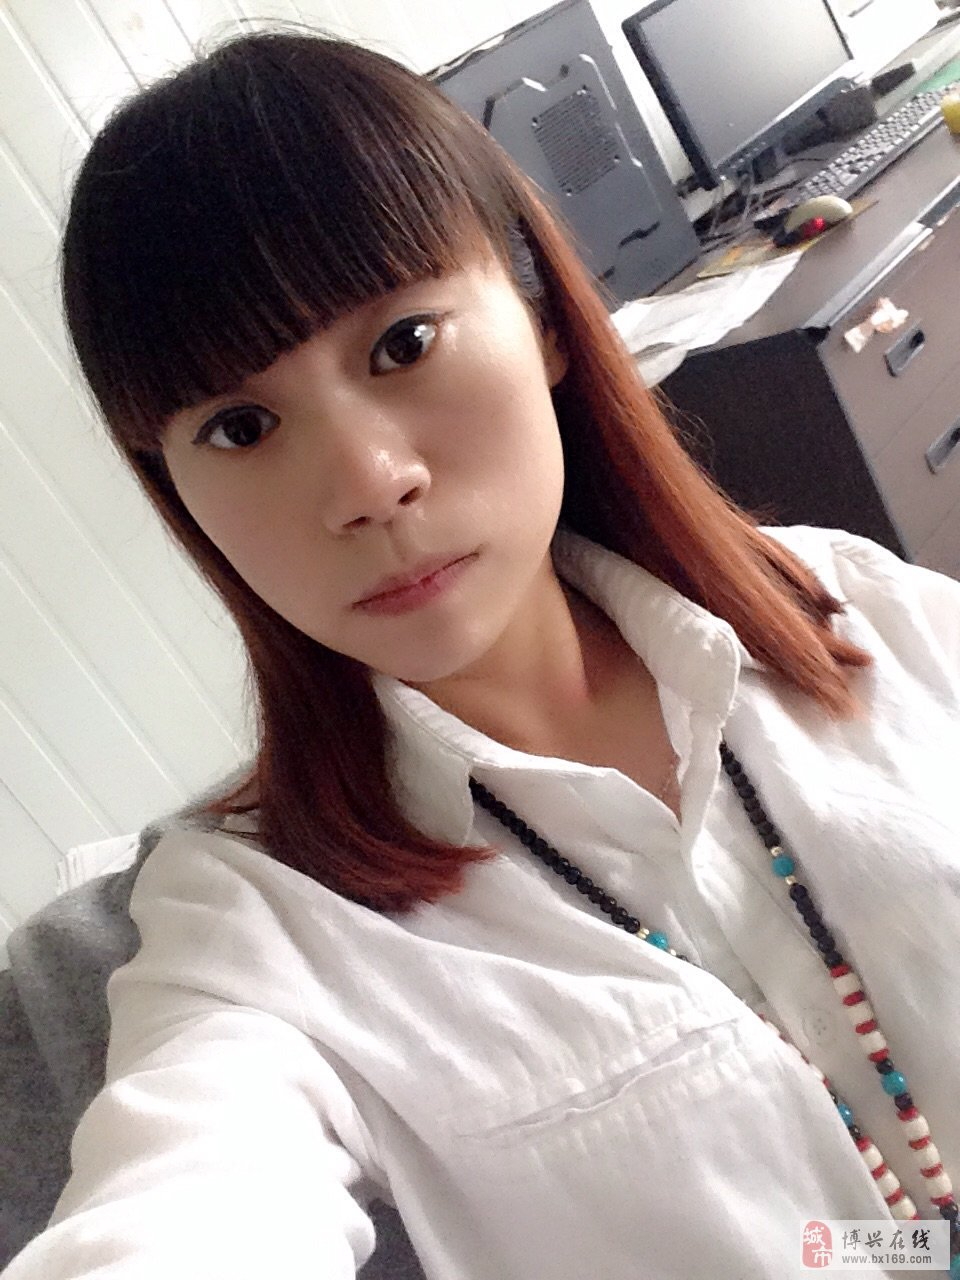 【美女秀场】赵颖 29岁 天蝎座 公司职员_美女